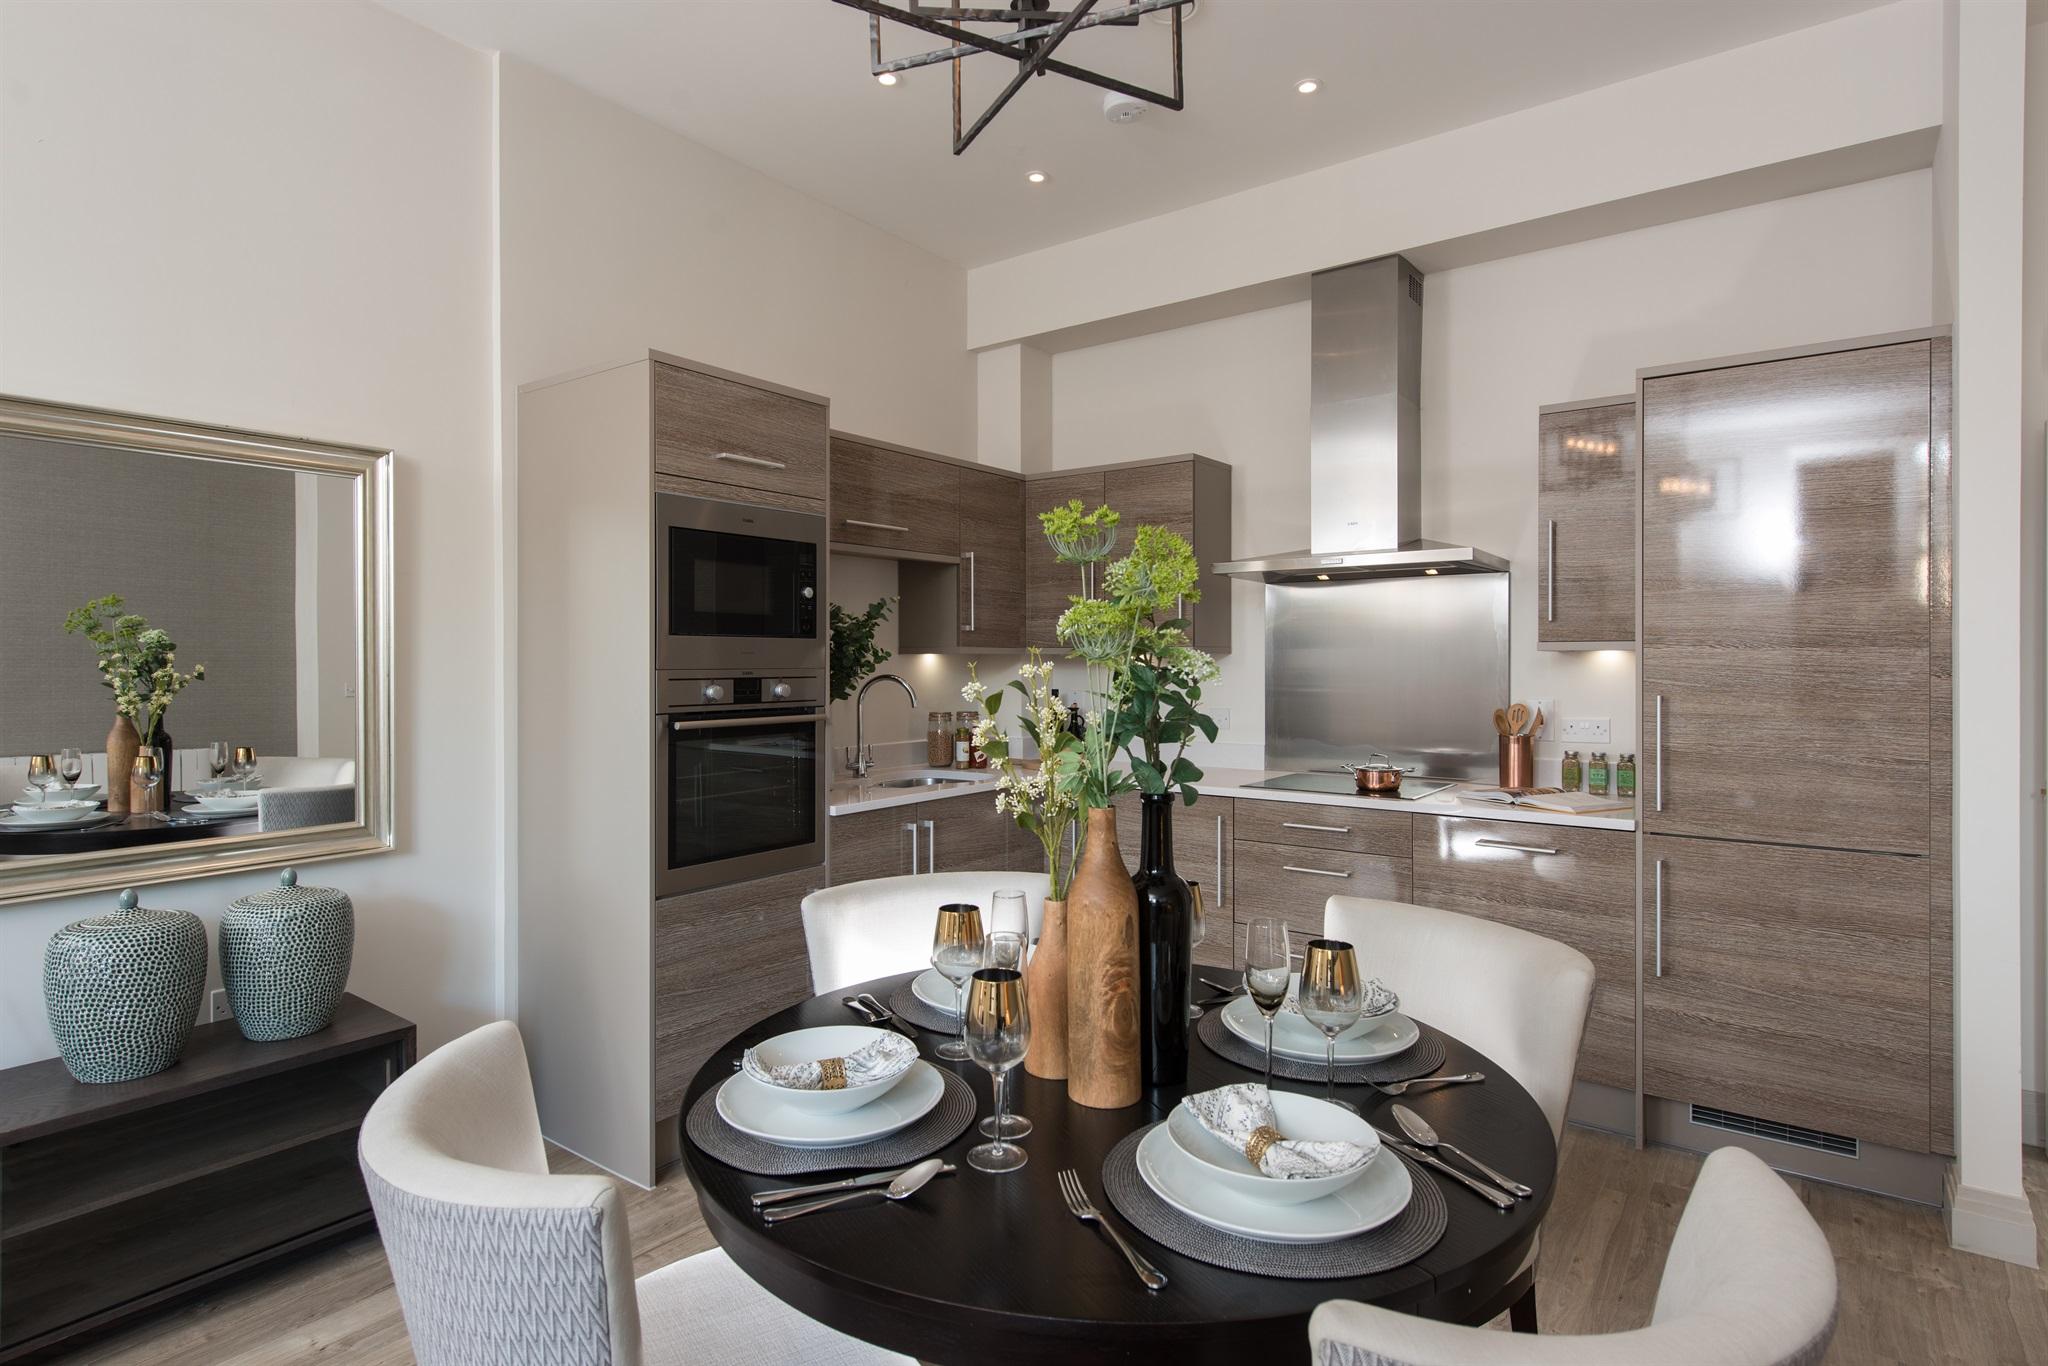 Rushmon Homes,Surbiton Point,Silestone,AEG,Kitchen